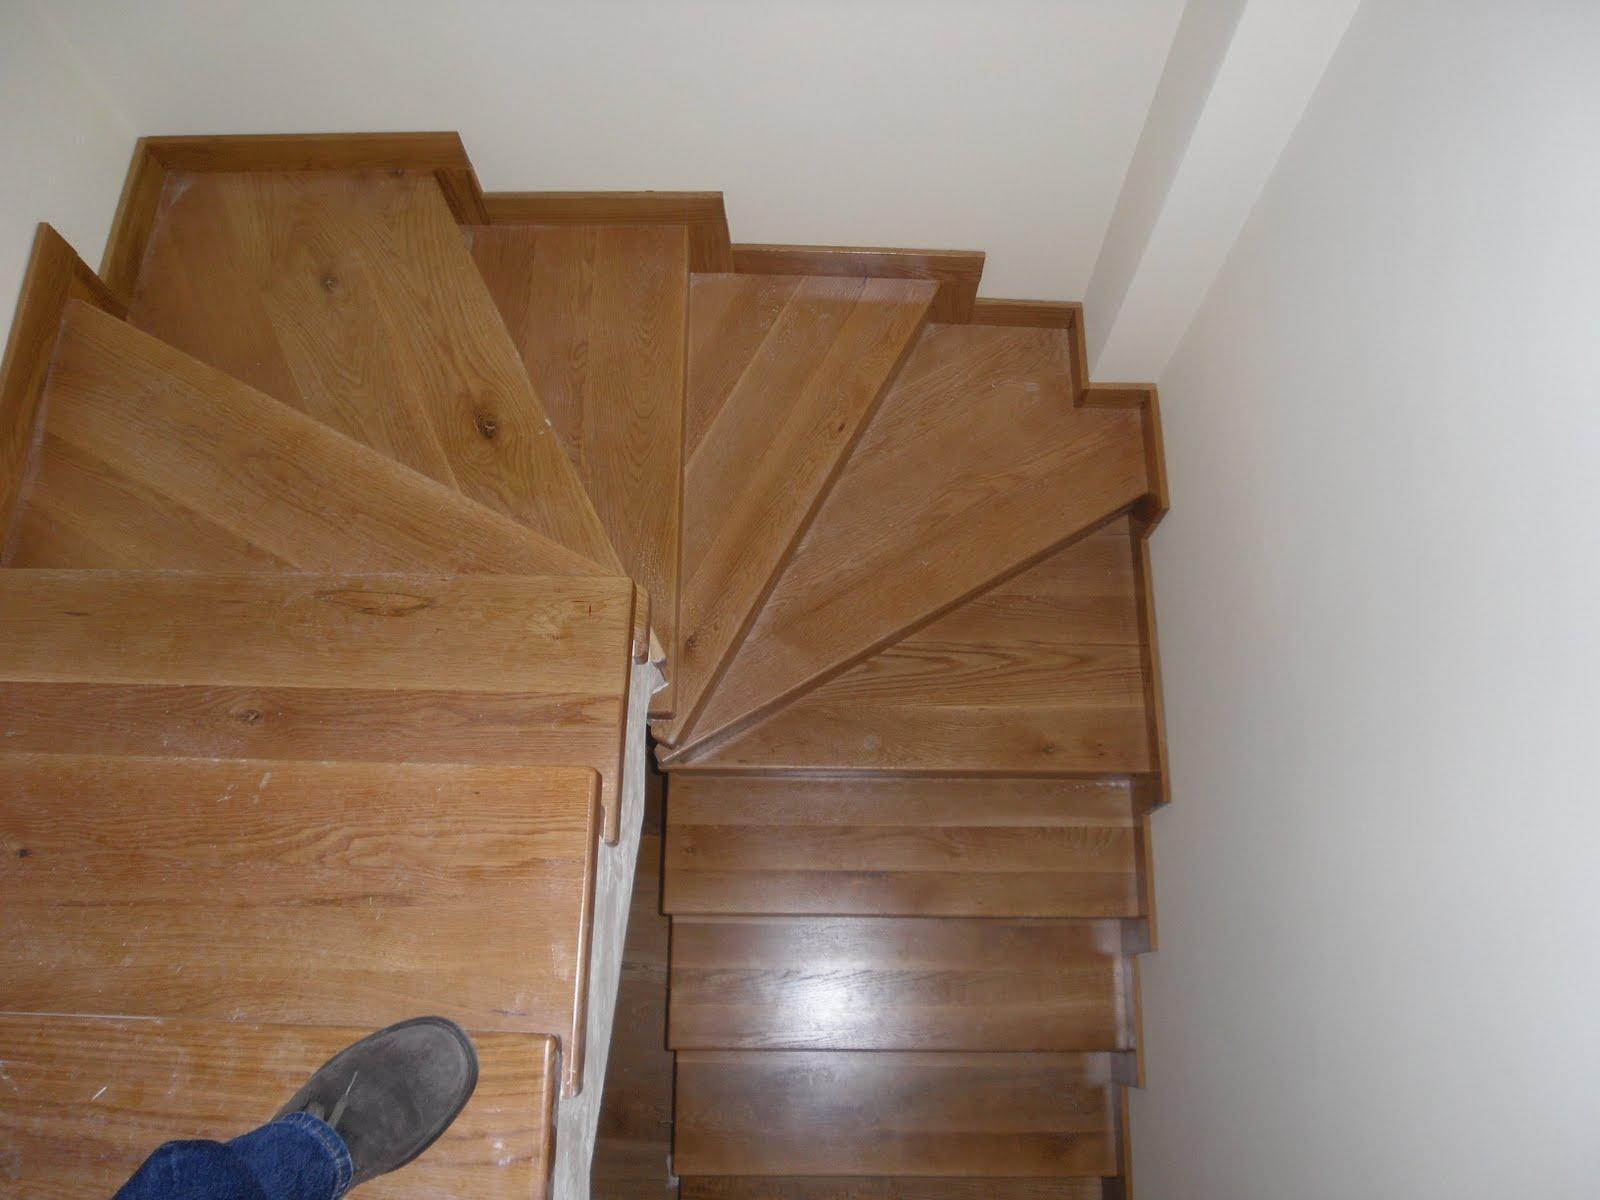 Pin escaleras de madera caracol on pinterest - Escaleras de caracol de madera ...